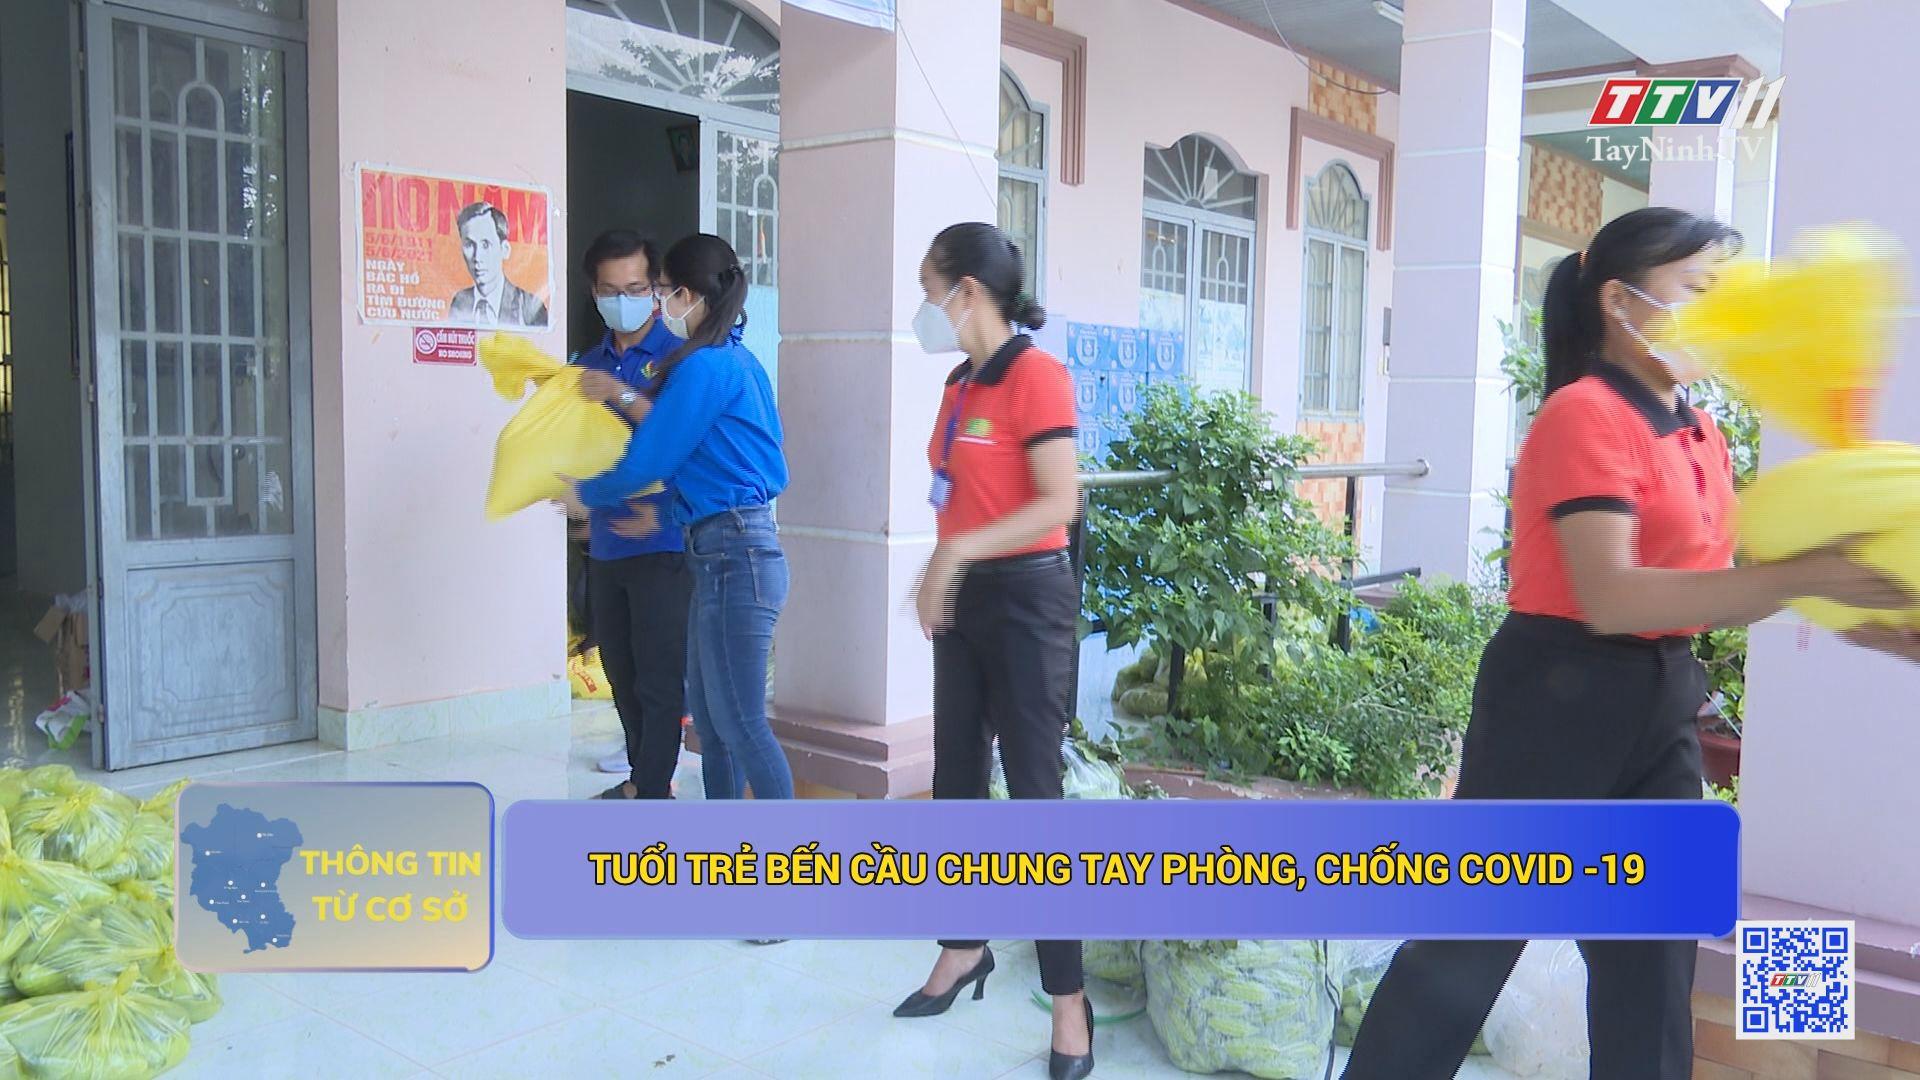 Tuổi trẻ Bến Cầu chung tay phòng chống Covid-19 | THÔNG TIN DỊCH COVID-19 | TayNinhTV